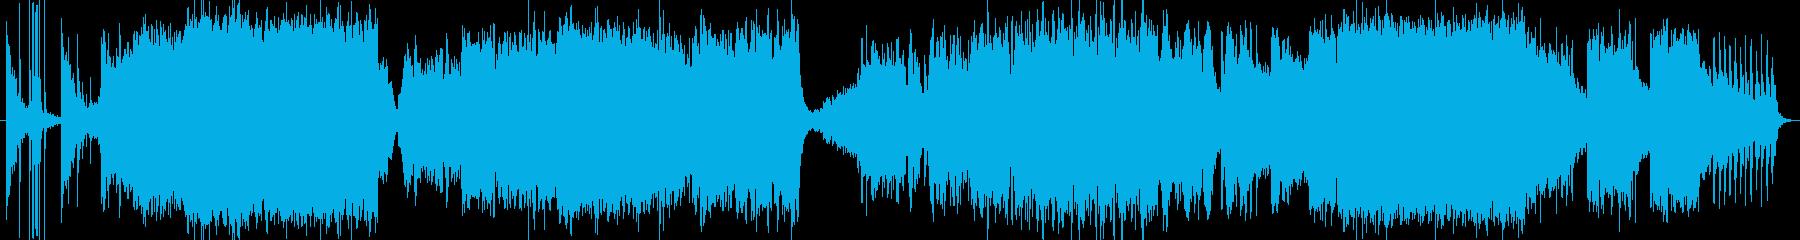 初代エイリアンのような不気味なホラー音楽の再生済みの波形